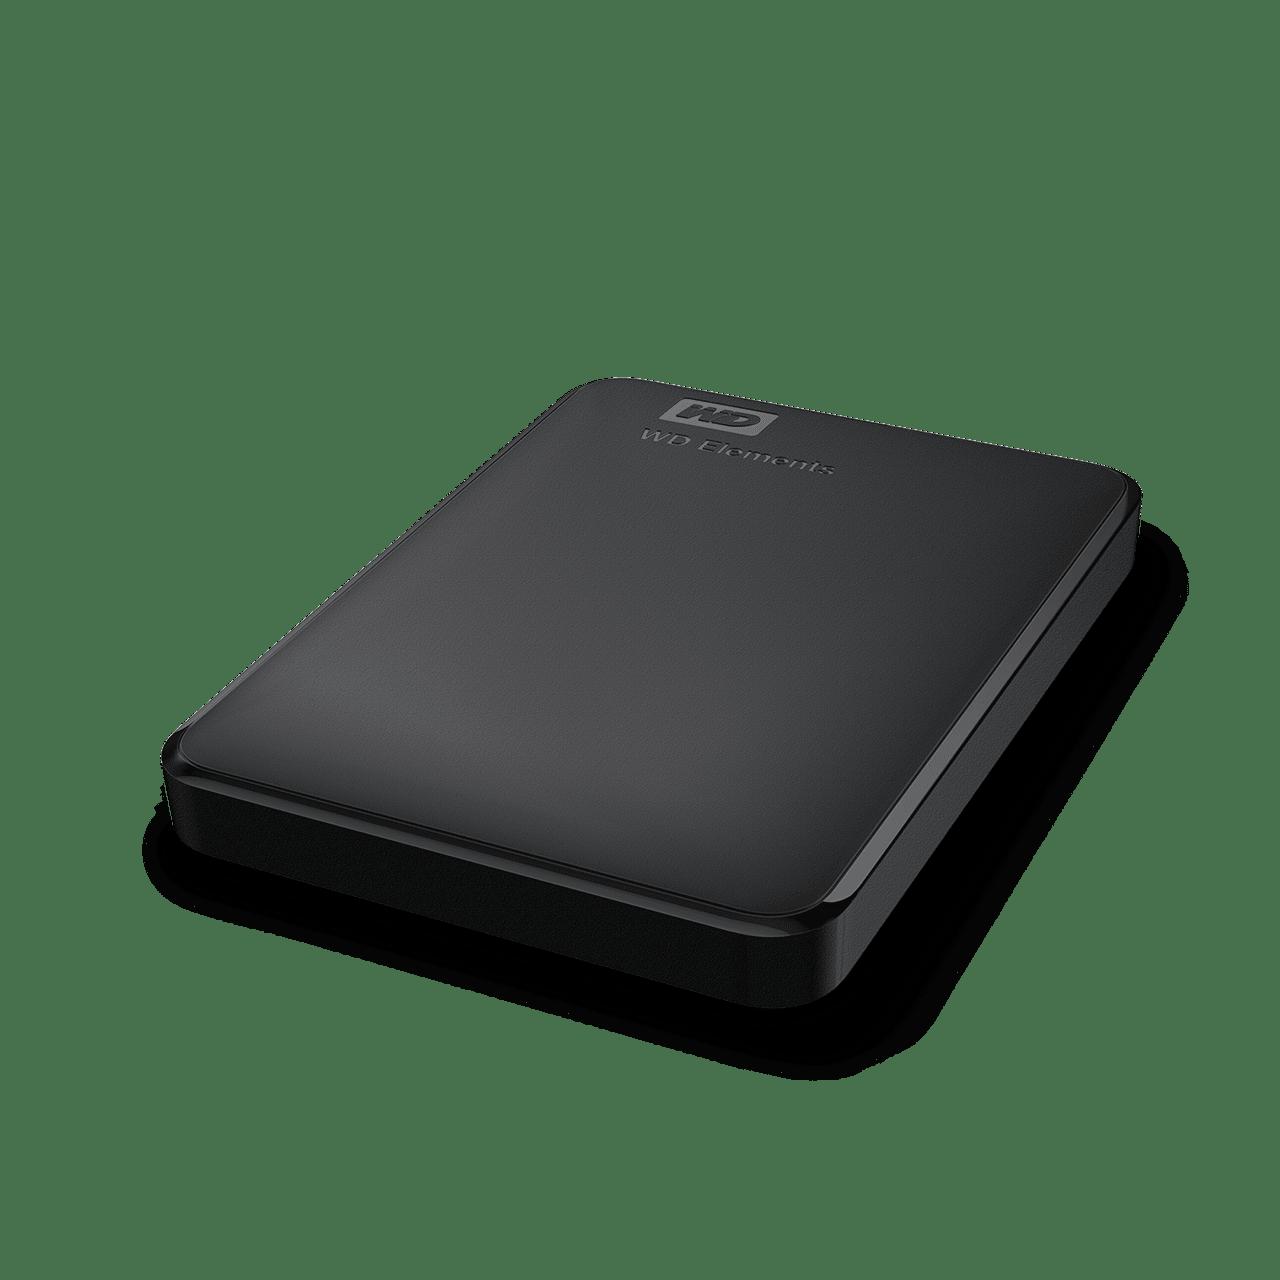 HD EXTERNO 1TB WESTERN DIGITAL PRETO